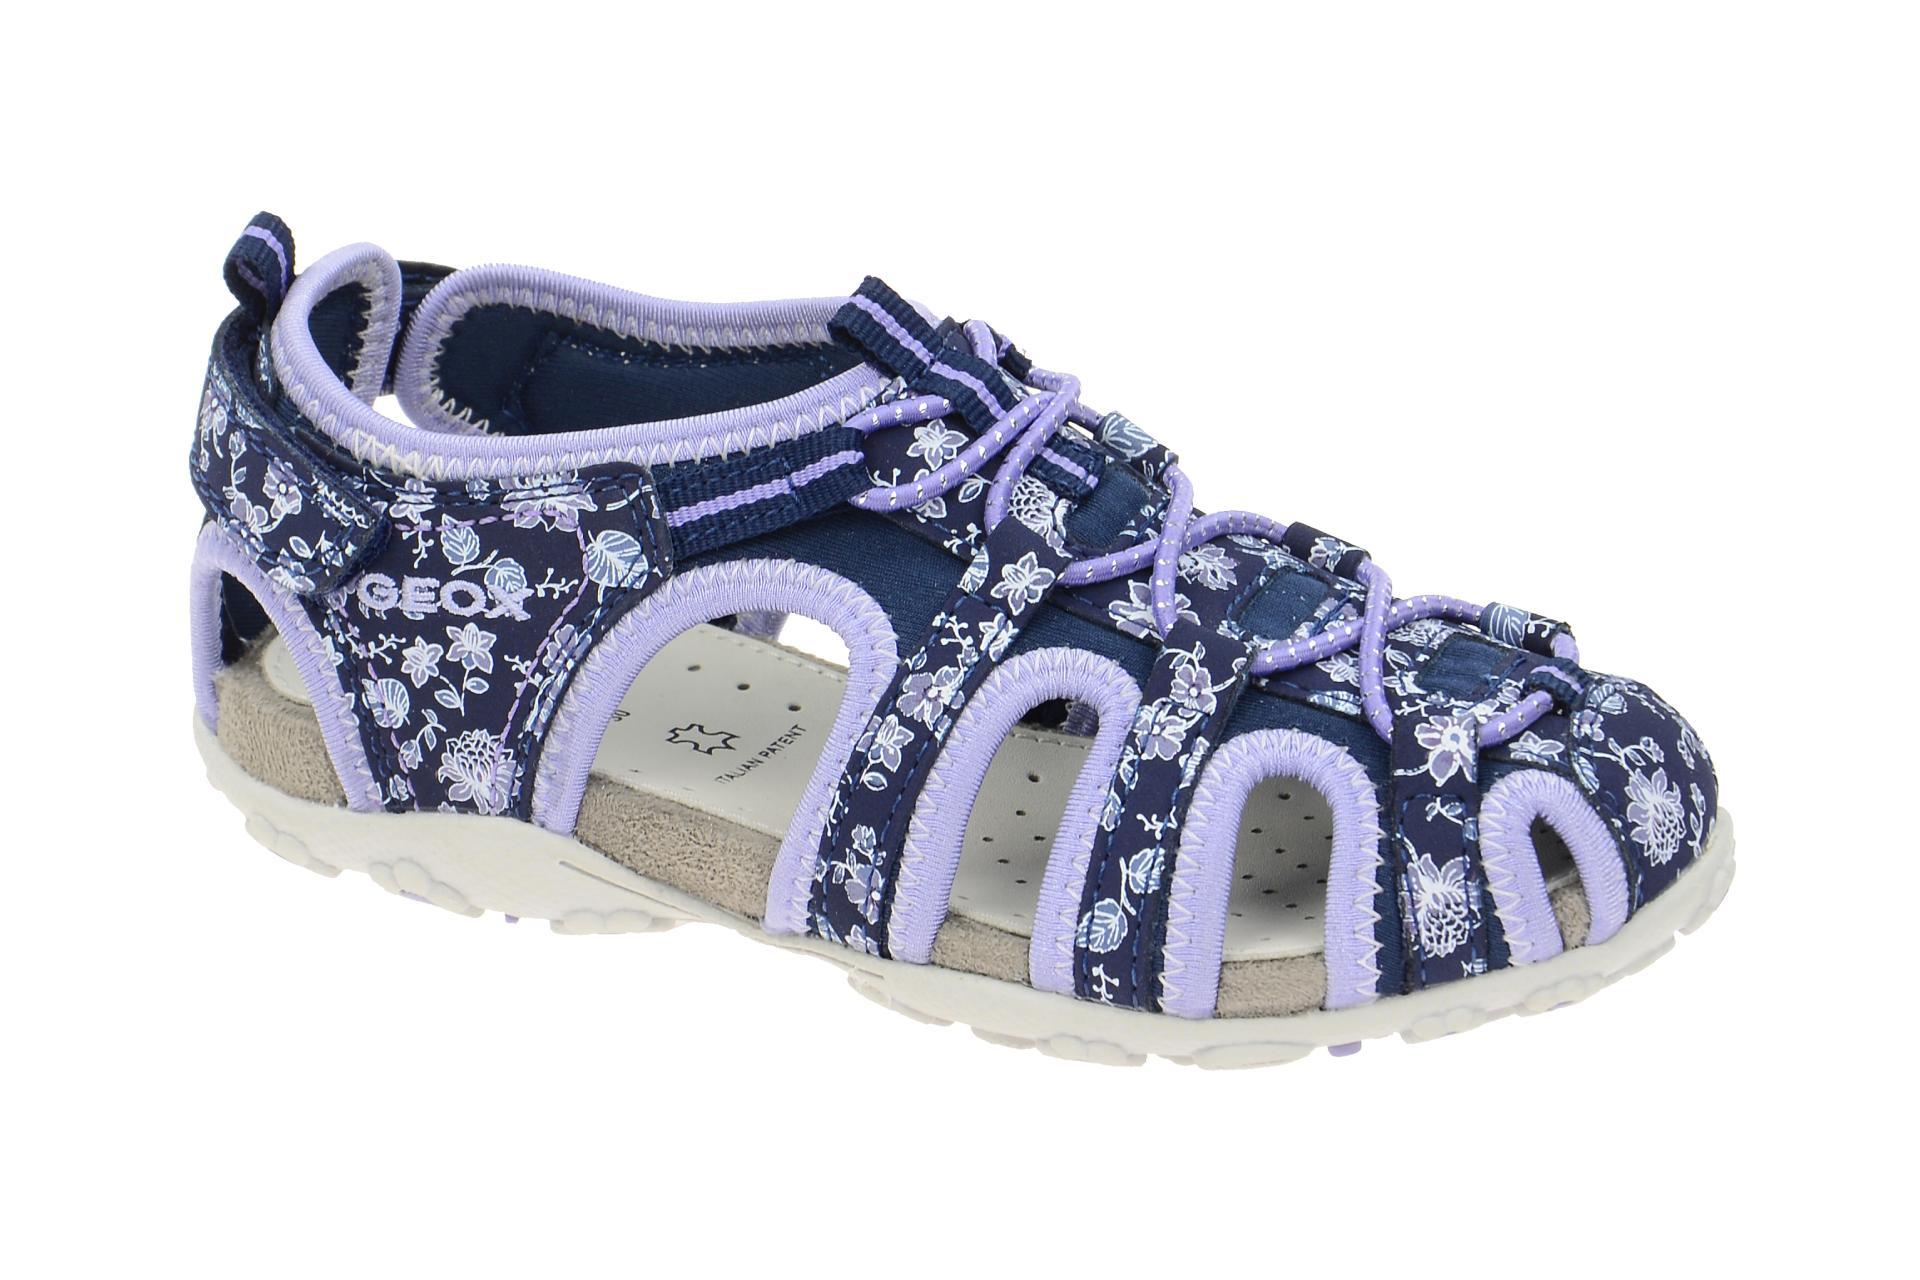 geox roxanne kinder sandale blau lila j52d9c 0ce15 c4215. Black Bedroom Furniture Sets. Home Design Ideas